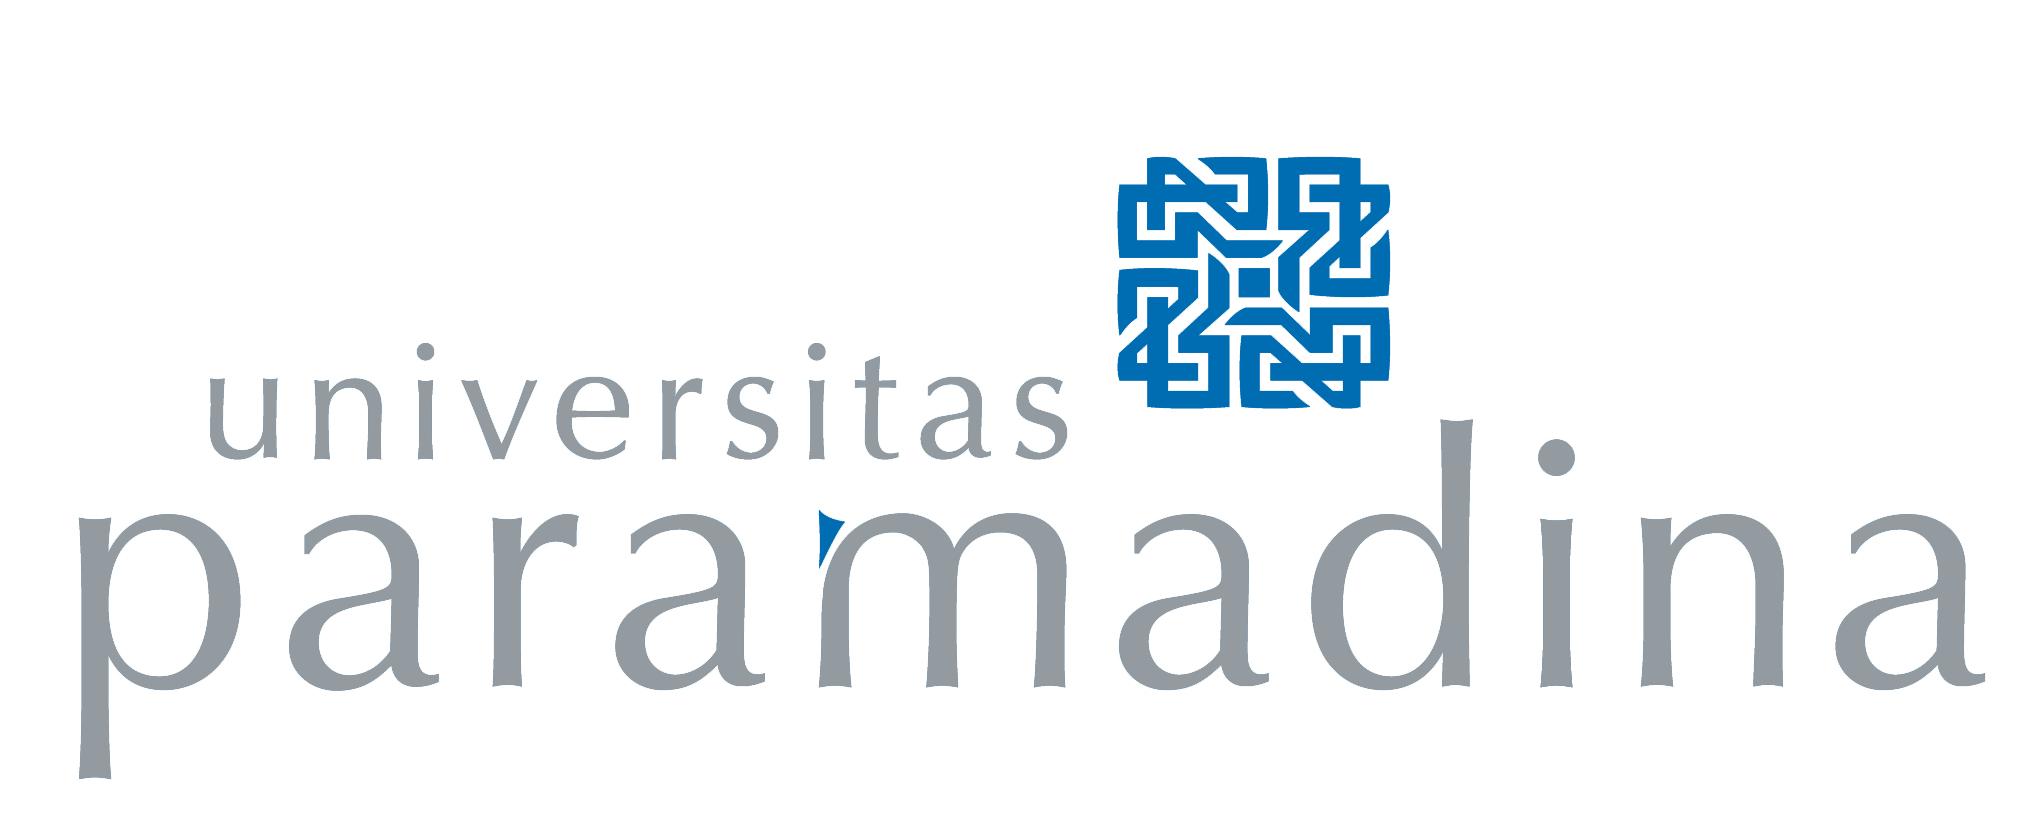 Logo Paramadina (Universitas Paramadina) Original Lengkap PNG